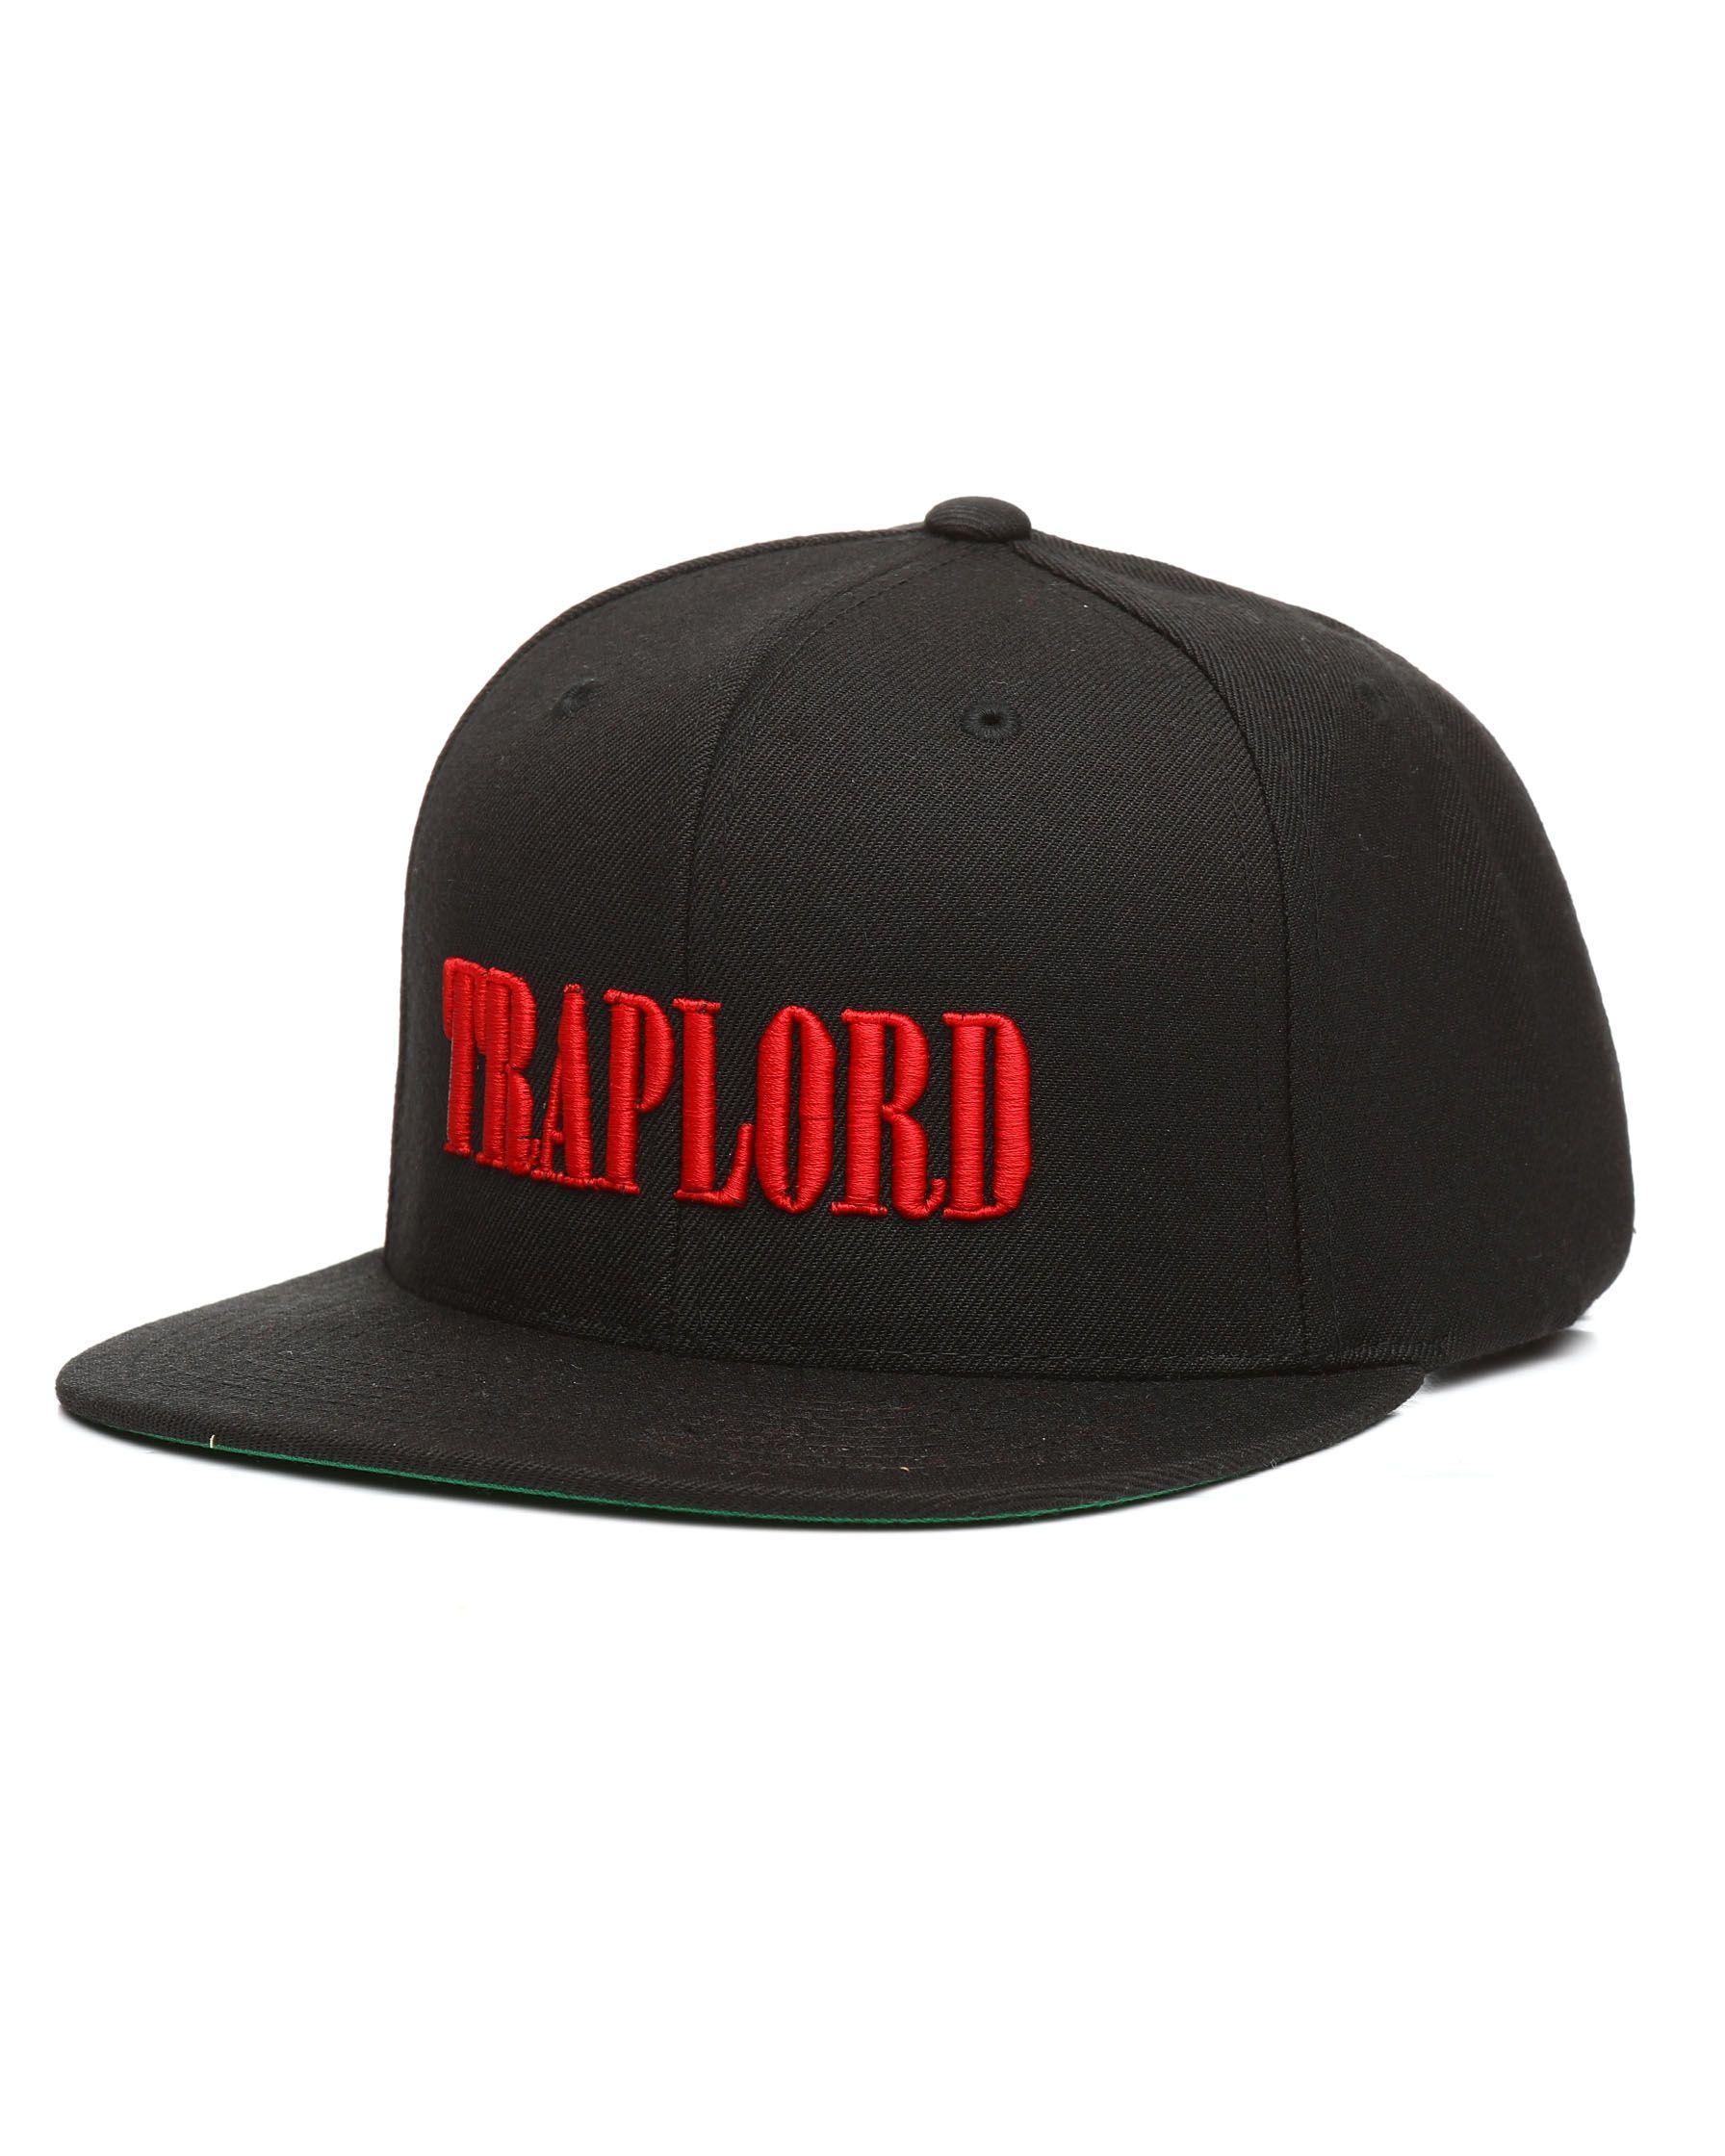 Grillz Snapback Hat Men s Hats from TRAPLORD at DrJays.com  70132b42b188